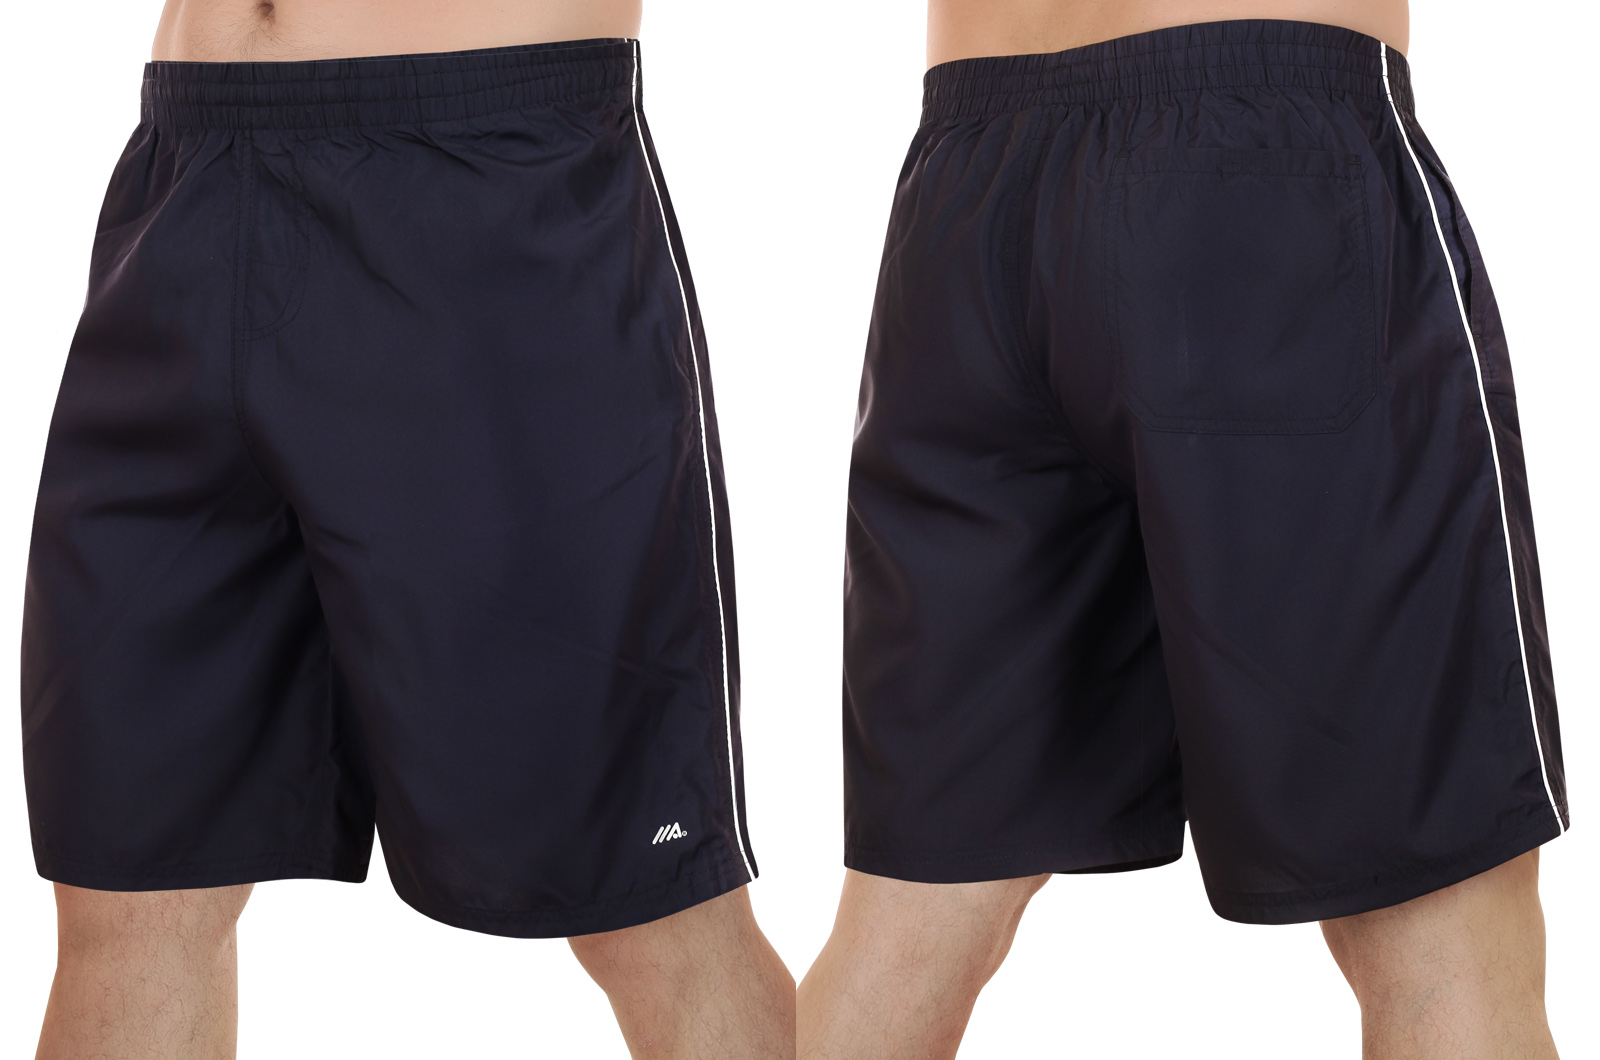 Мужские шорты от канадского бренда MACE стопудово лучшие для пляжа с доставкой